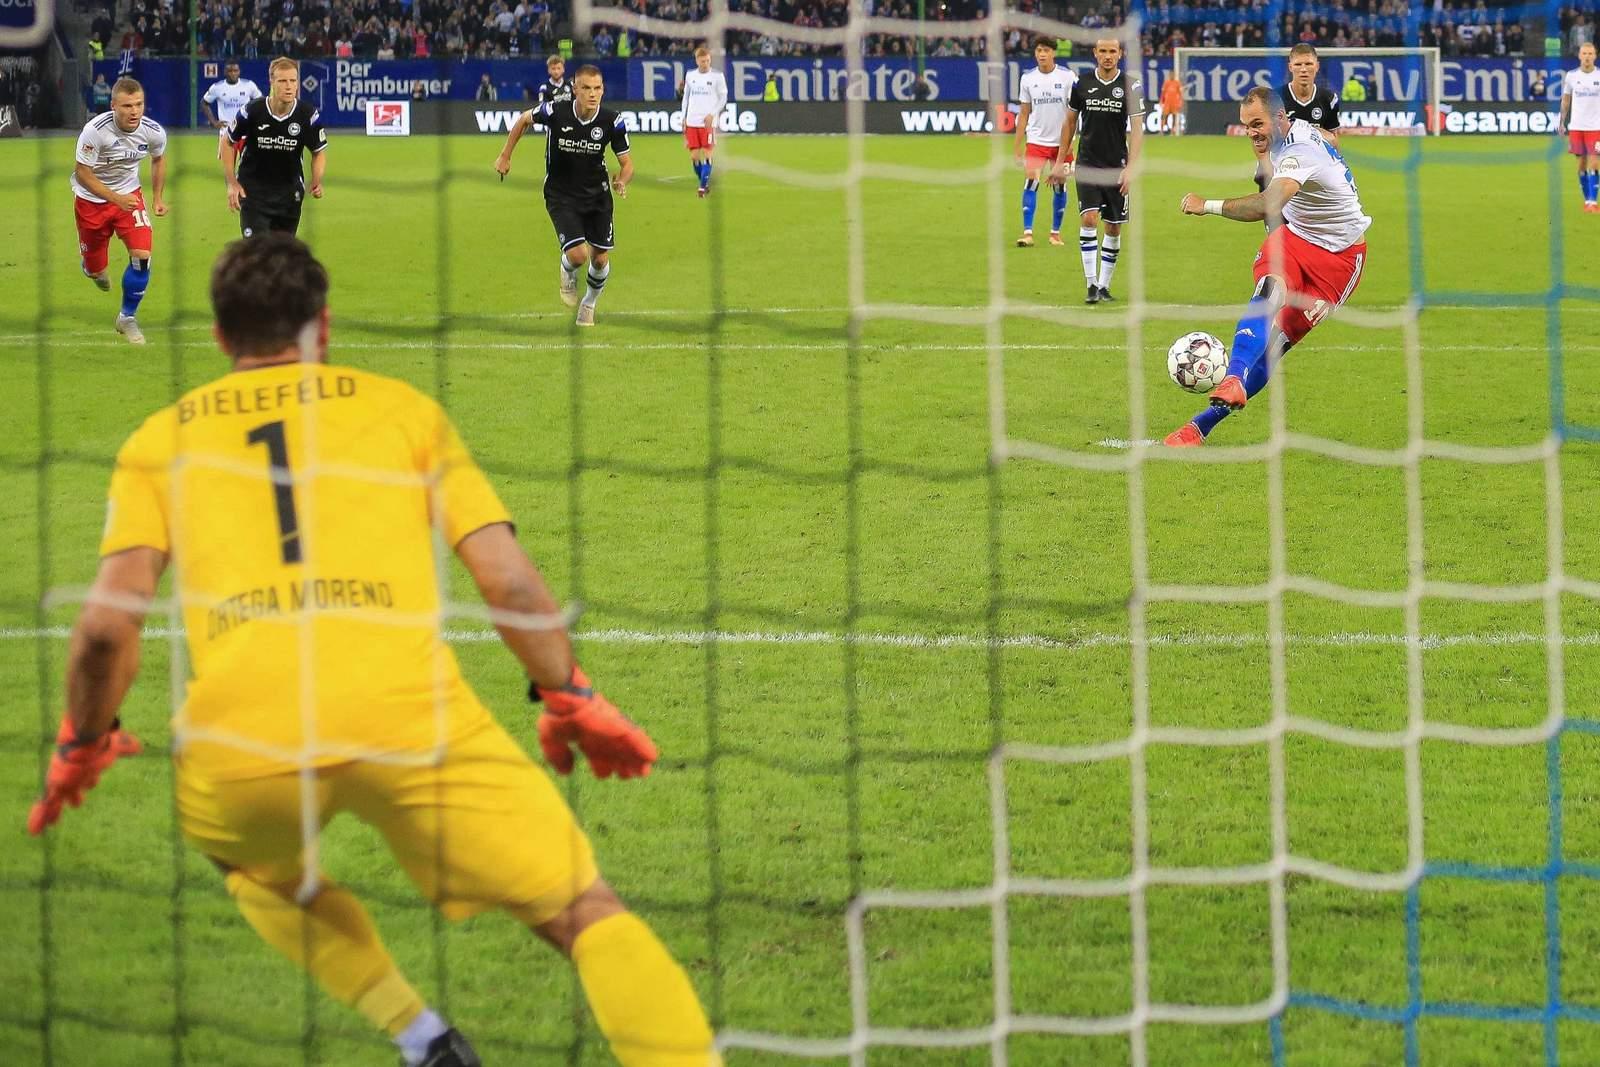 Trifft Lasogga wieder per Elfmeter? Jetzt auf Arminia Bielefeld vs HSV wetten